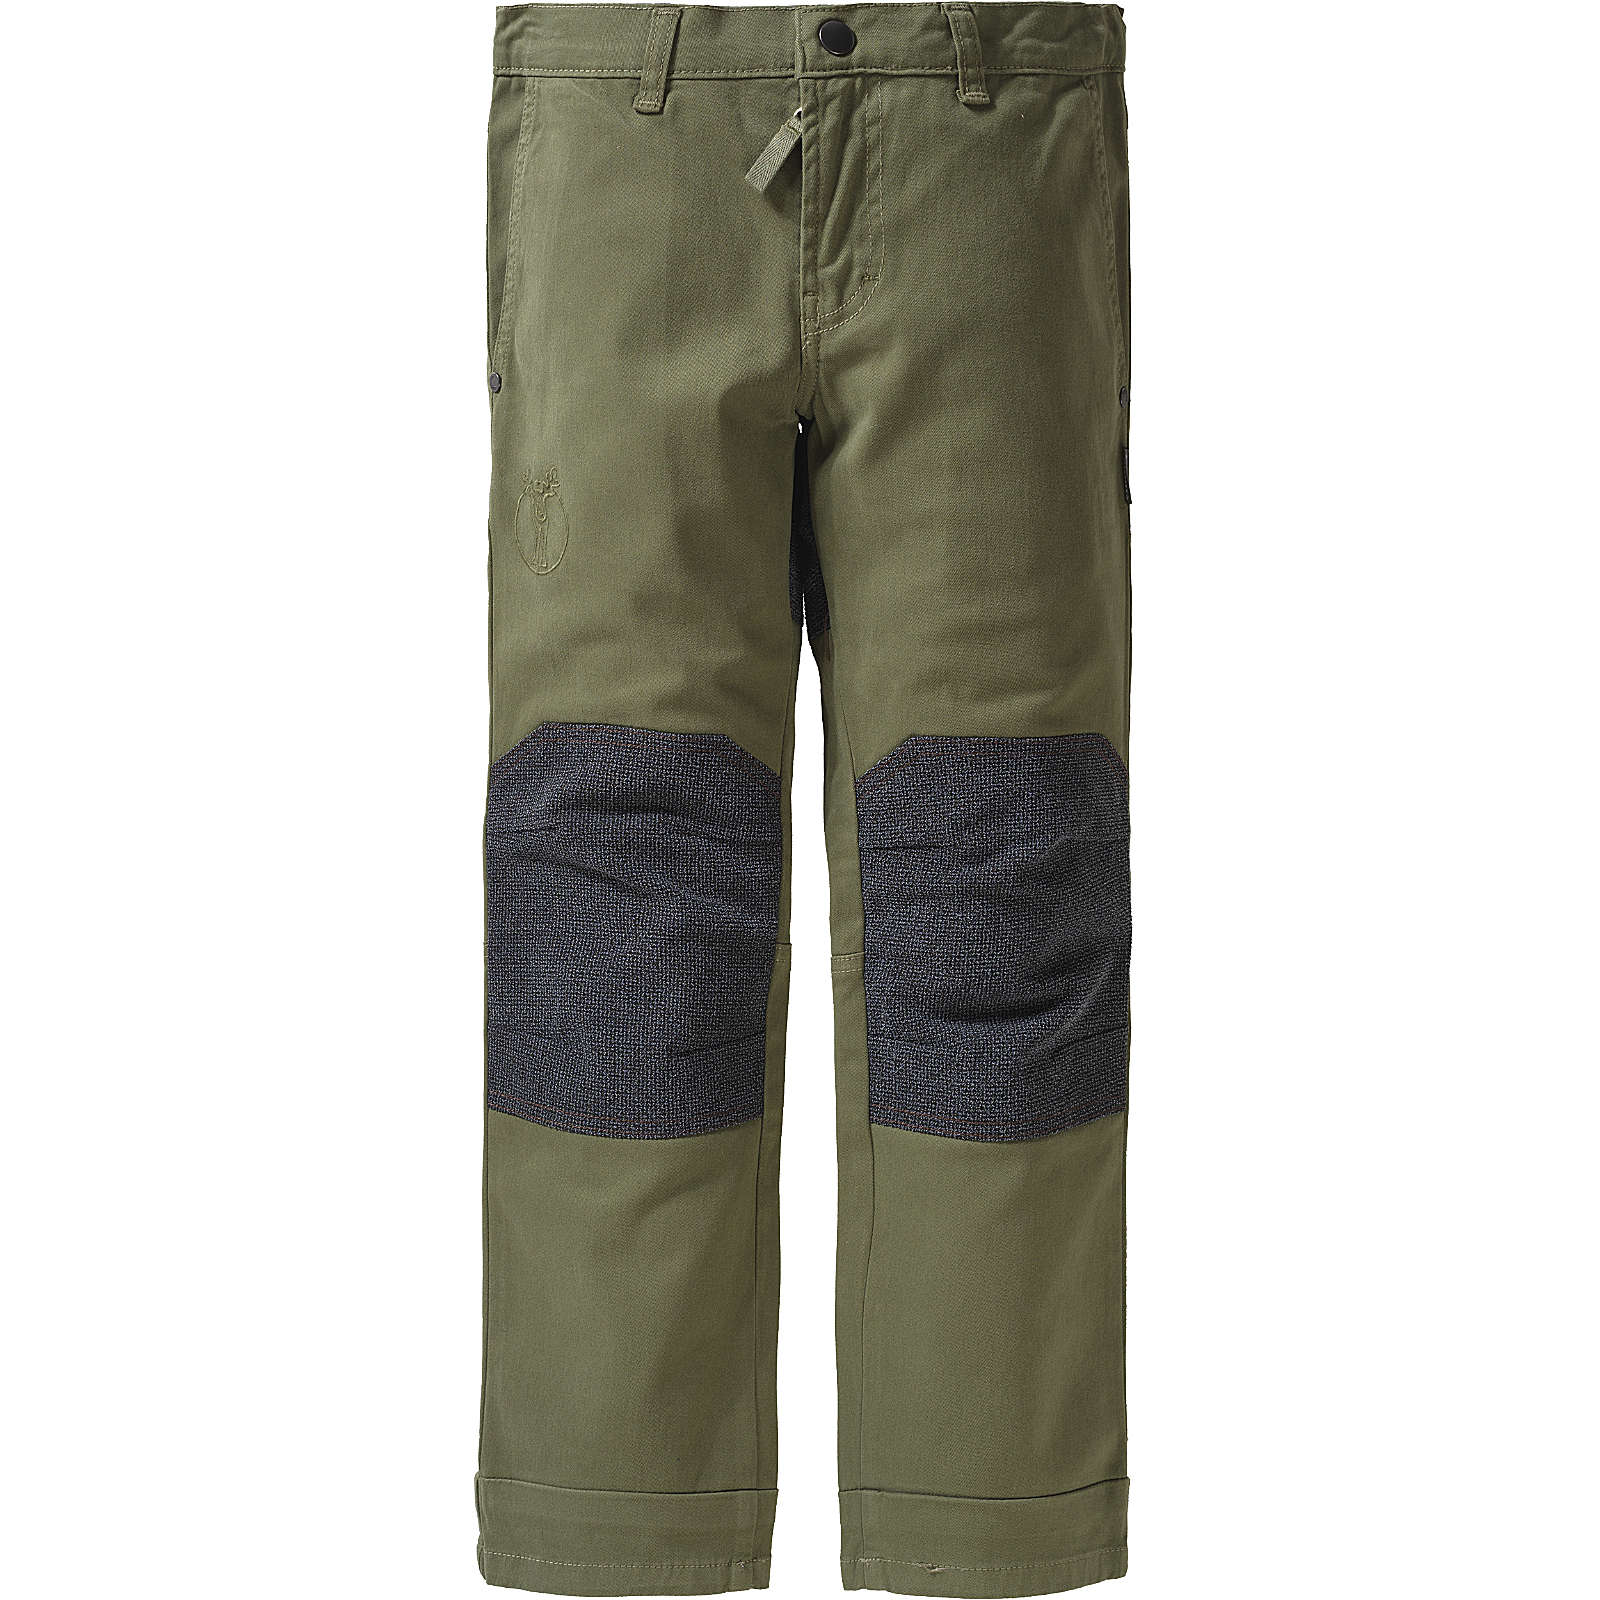 elkline Kinder Outdoorhose Franzhose khaki Gr. 116